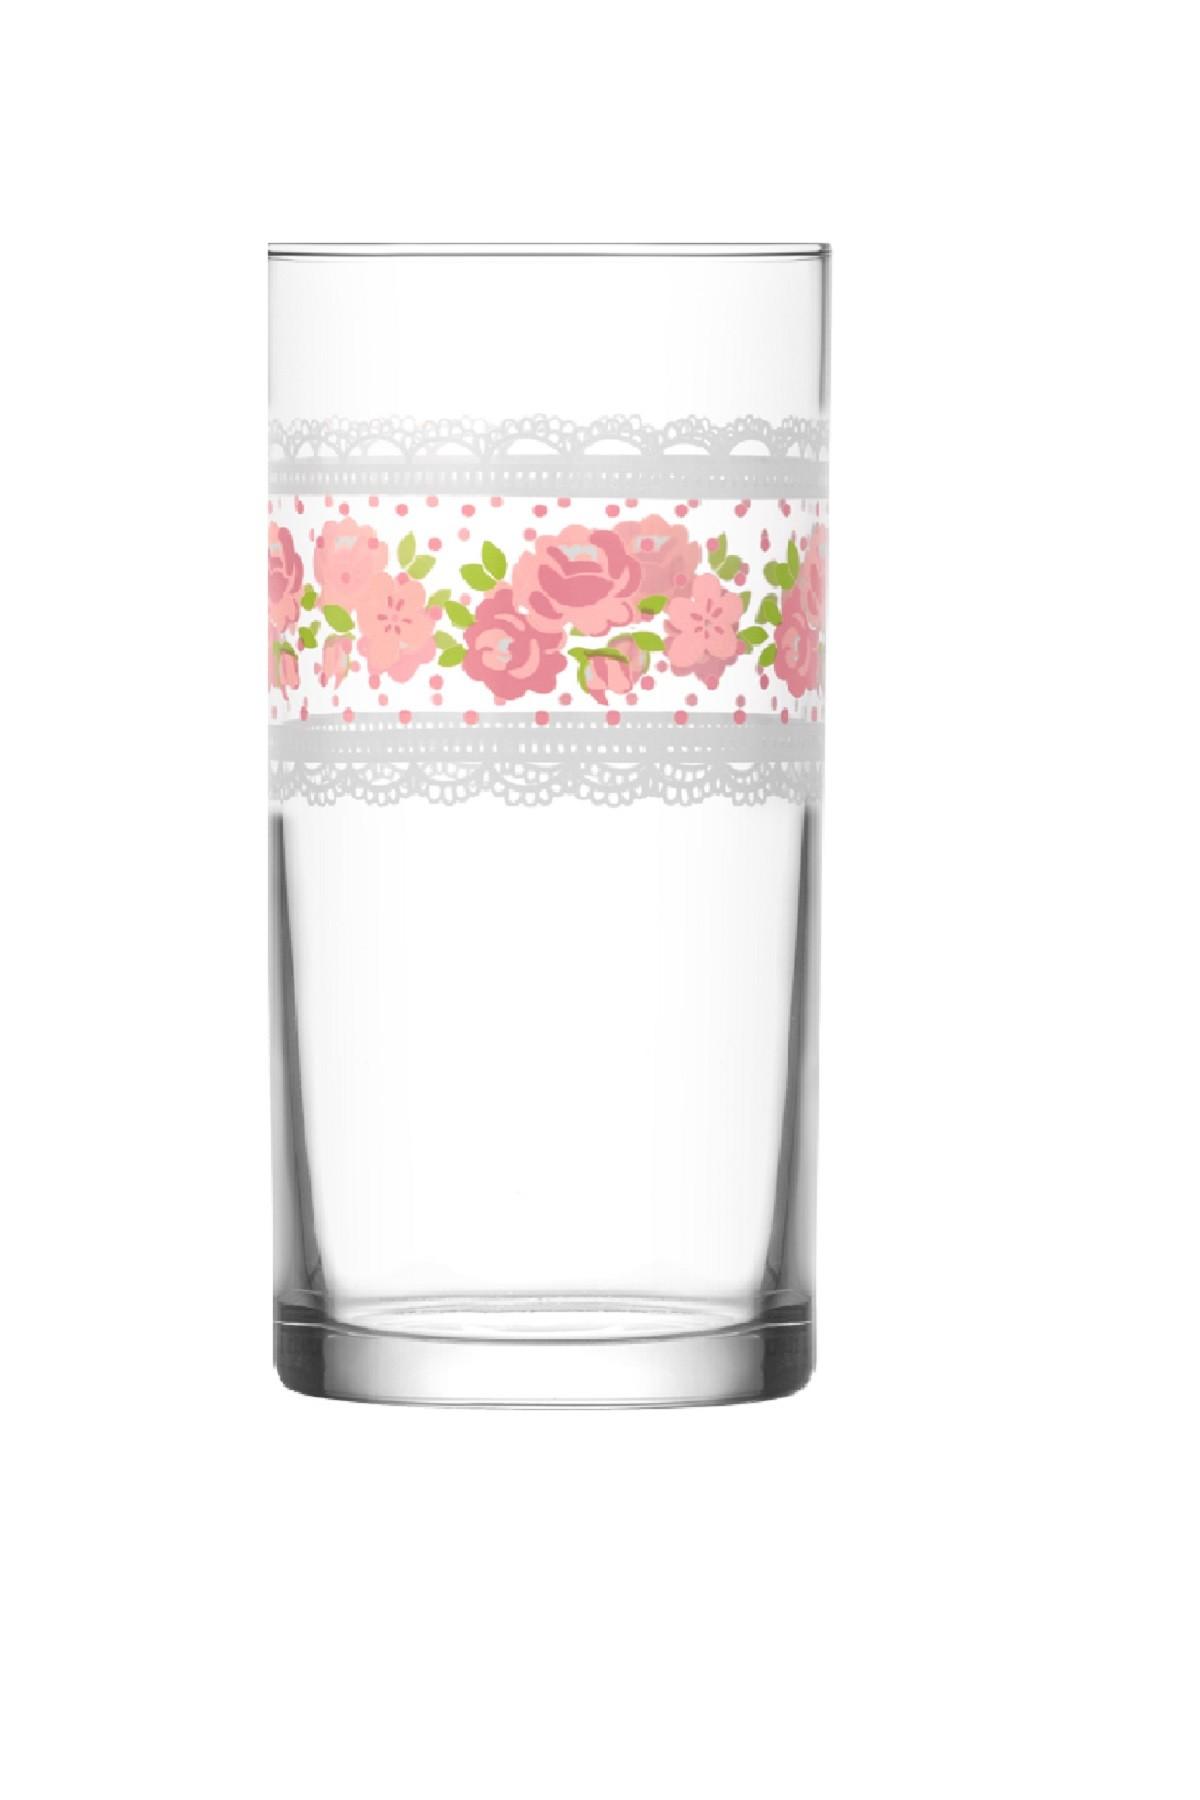 Beyaz Dantel Çiçek Tek Parça Meşrubat Bardağı